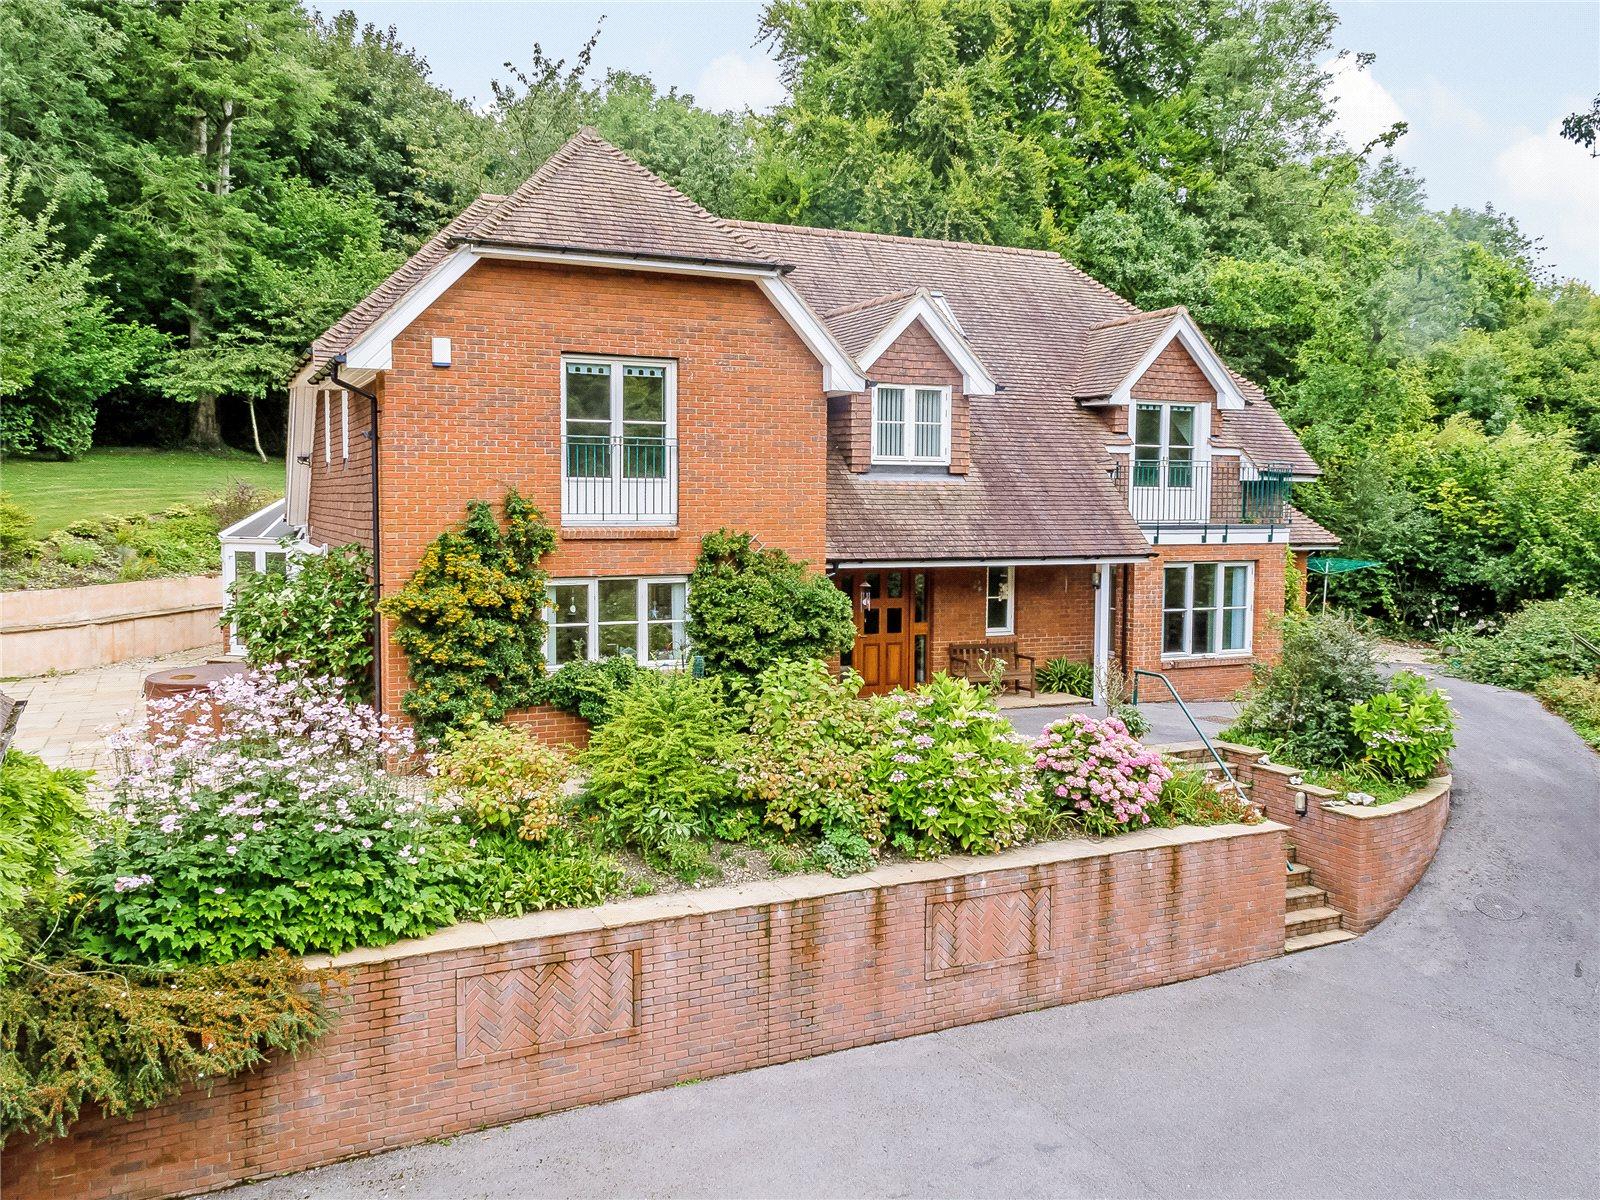 단독 가정 주택 용 매매 에 Medstead Road, Beech, Alton, Hampshire, GU34 Alton, 영국